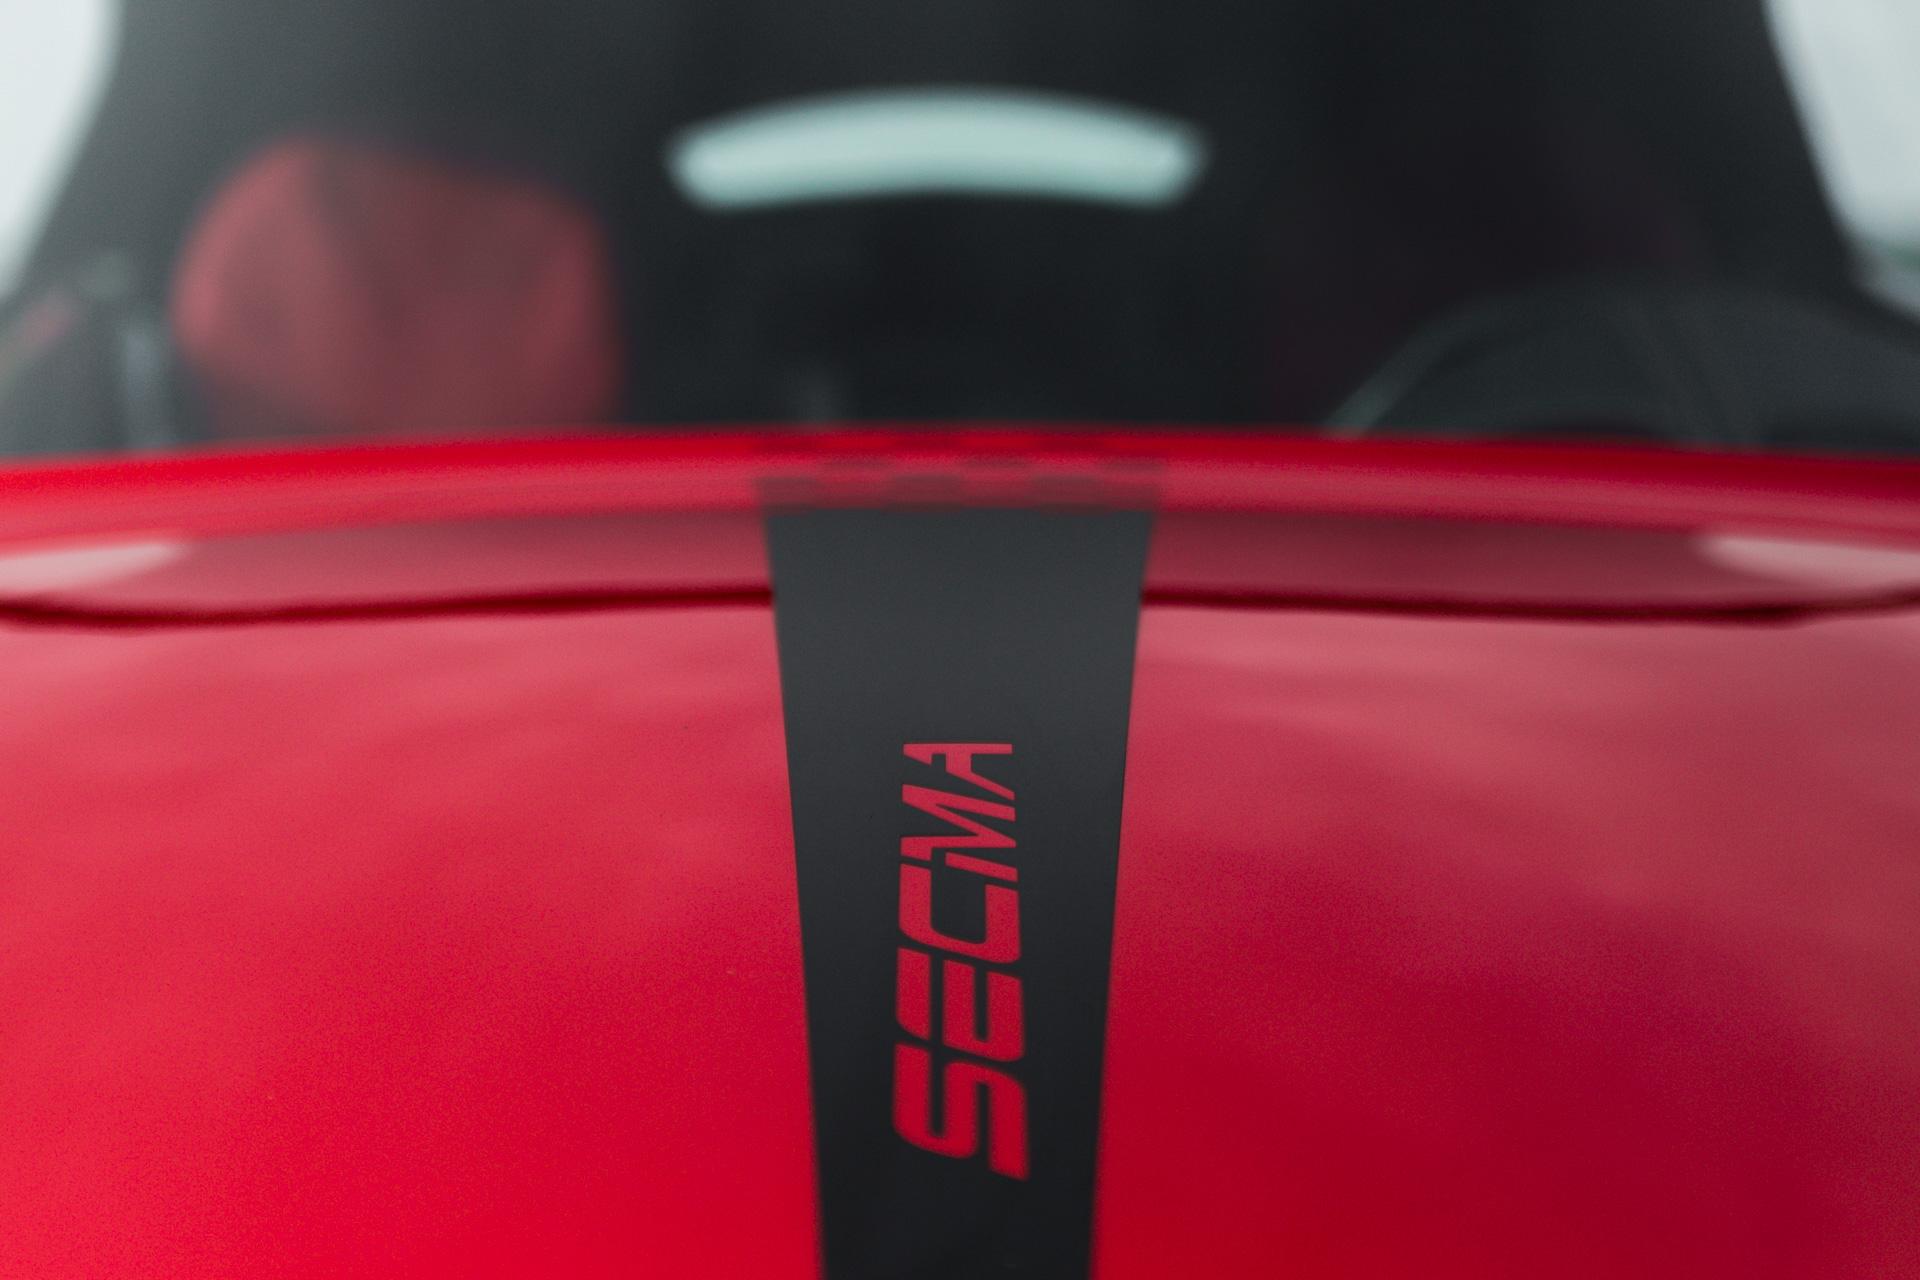 La SECMA F16 Turbo, la dernière vraie sportive française ?